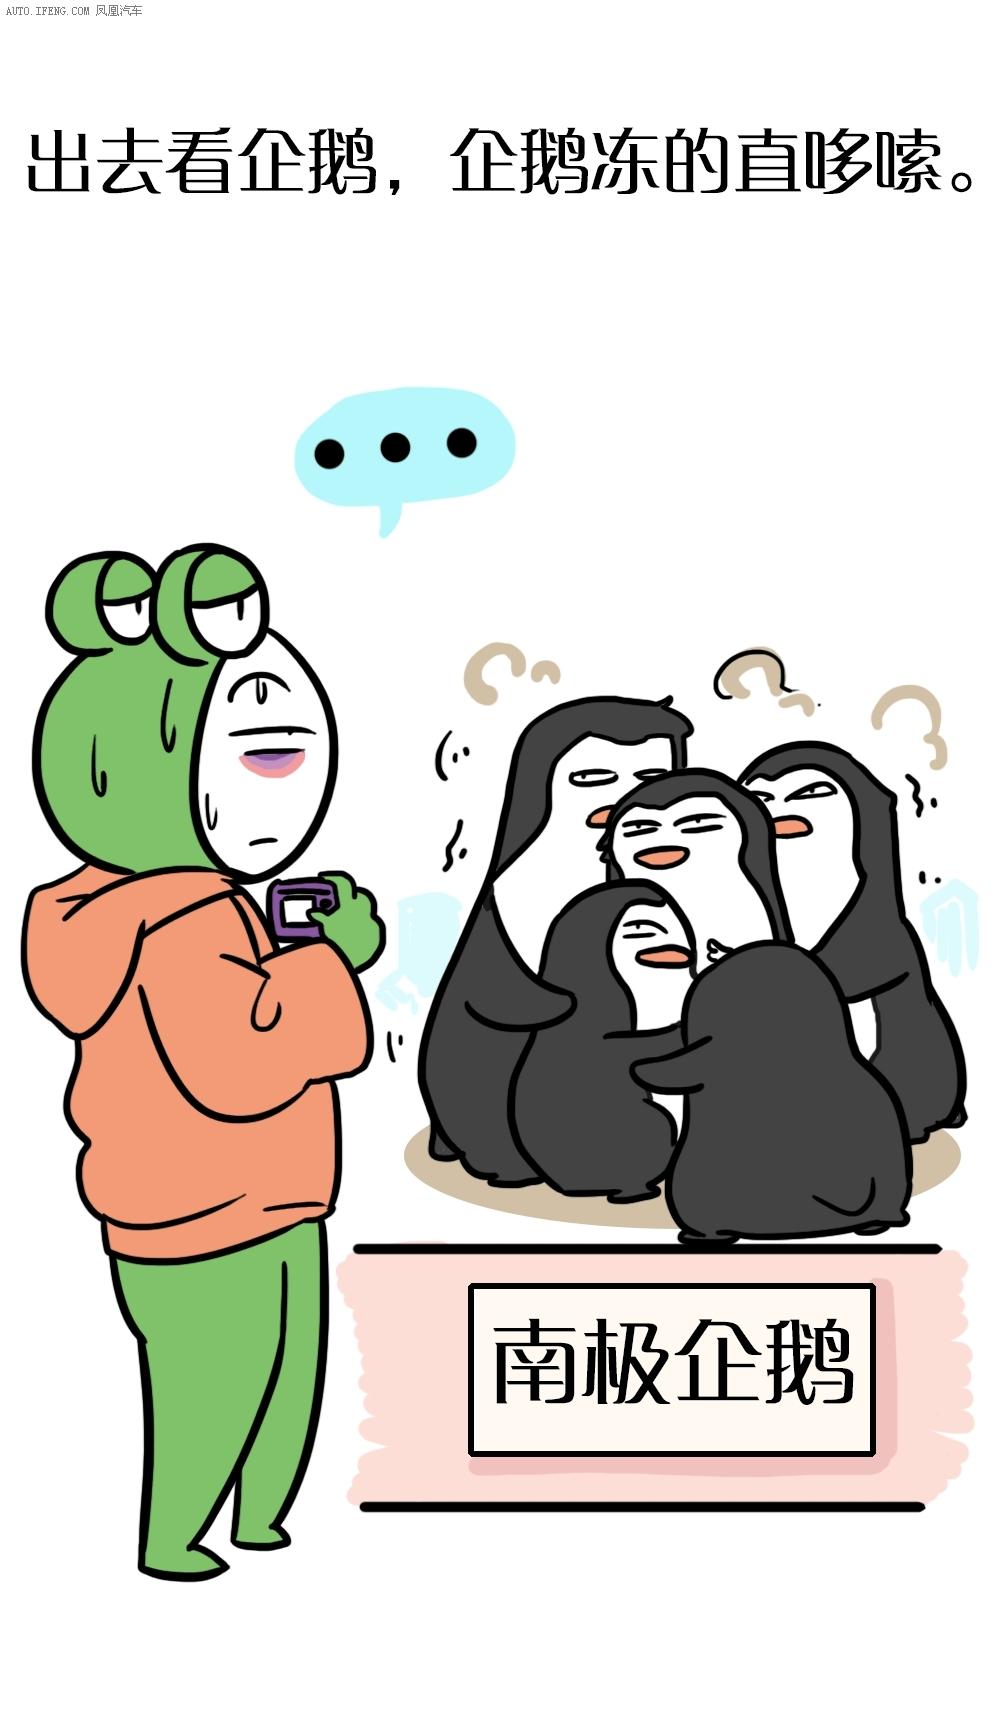 奥保行奥迪1周年庆